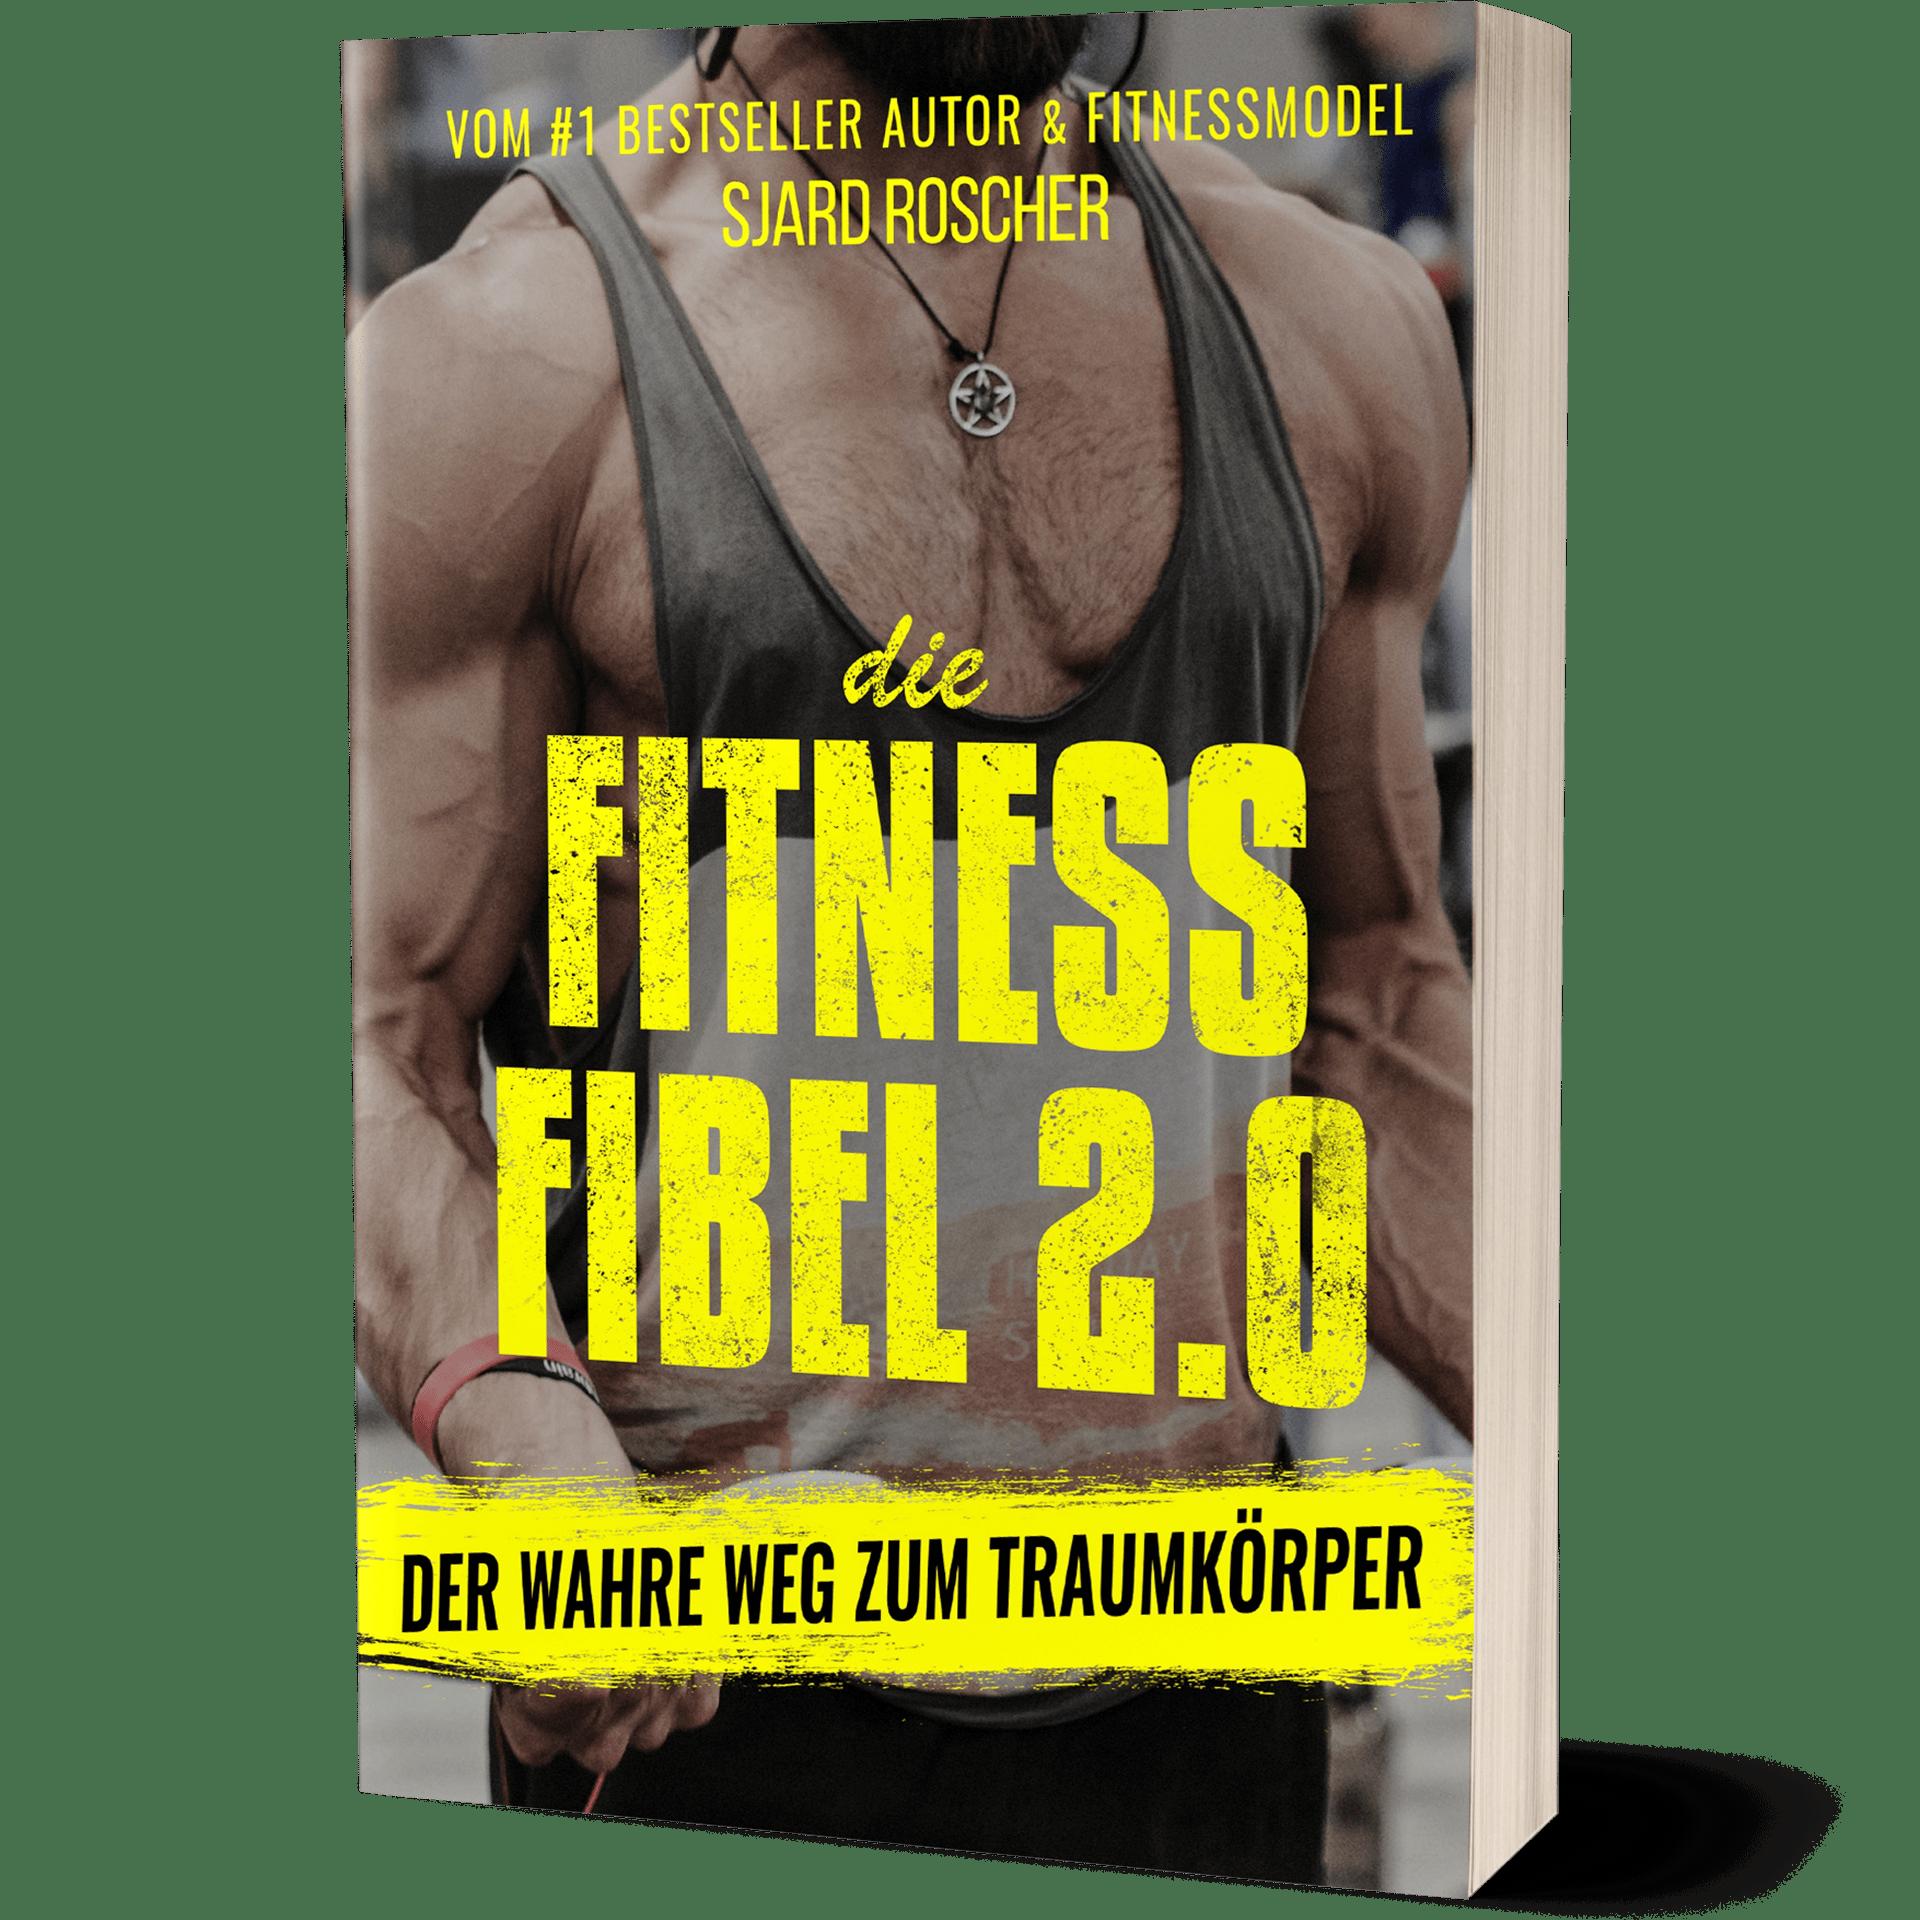 Fitness Fibel 2 0 Test Erfahrung Sjard Roscher